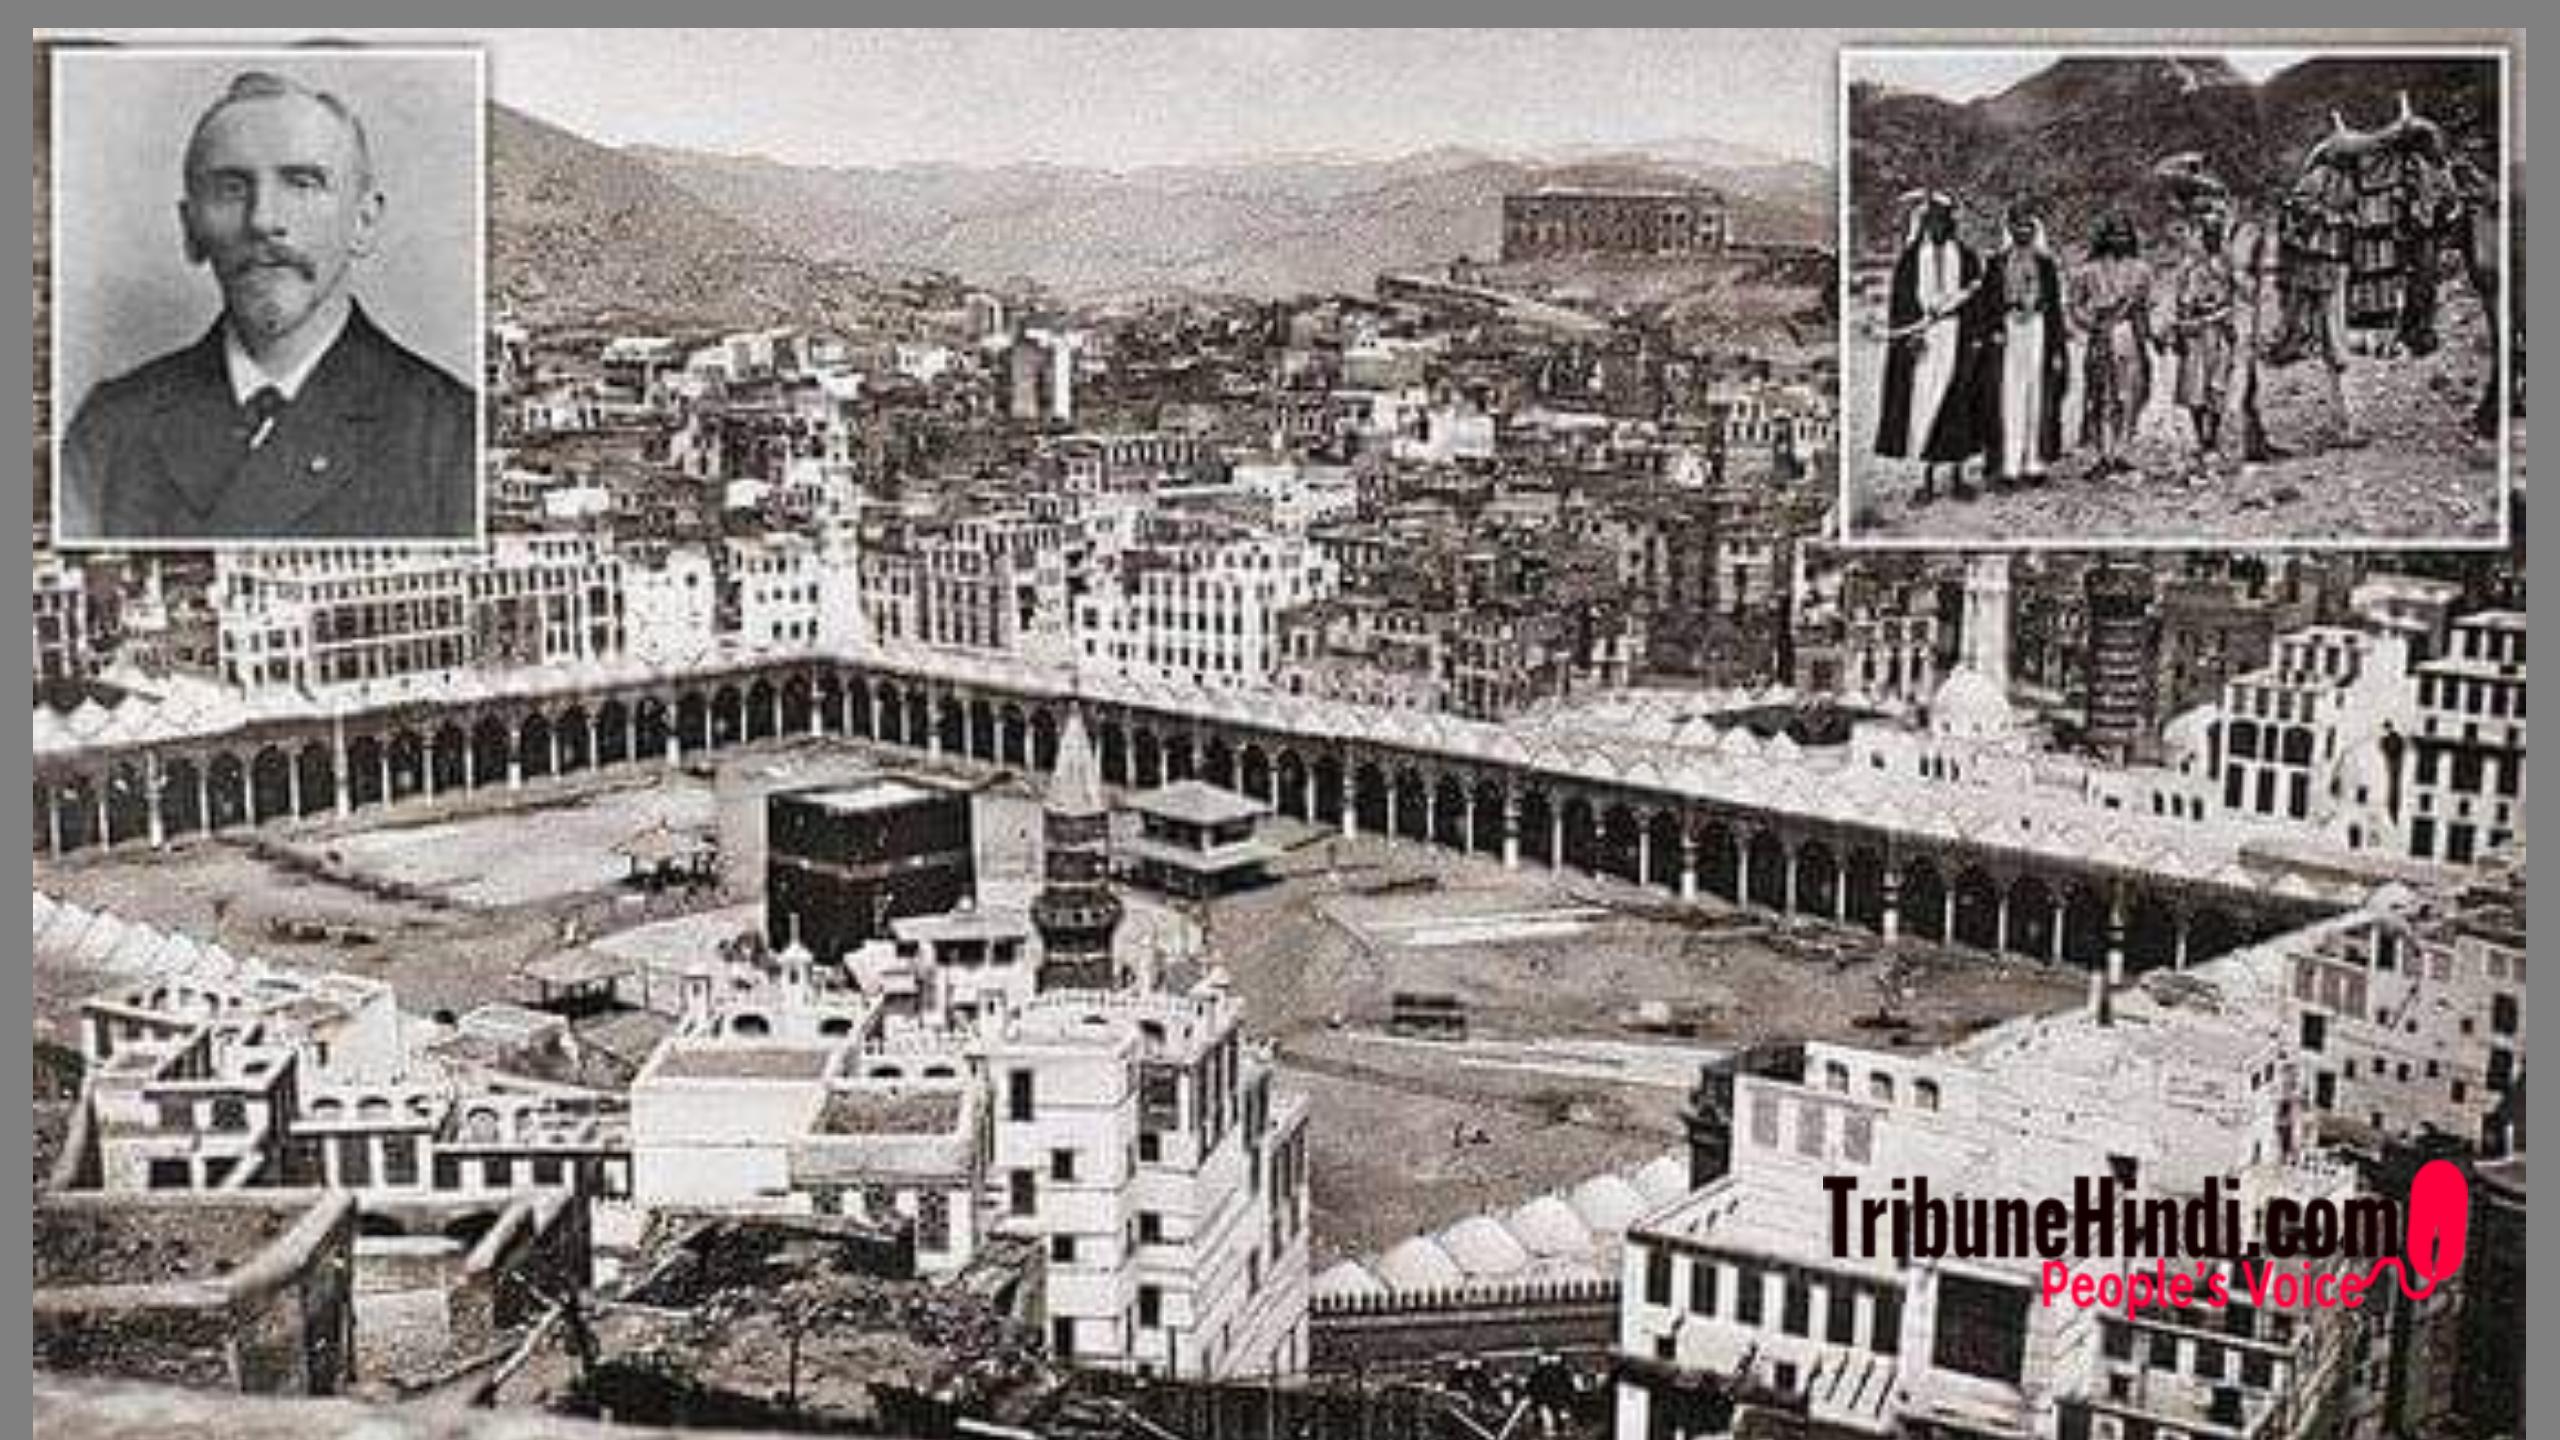 """मक्का स्थित """"क़ाबा"""" की इस तस्वीर के फोटोग्राफर के बारे में सुनकर आप चौंक जाएंगे"""